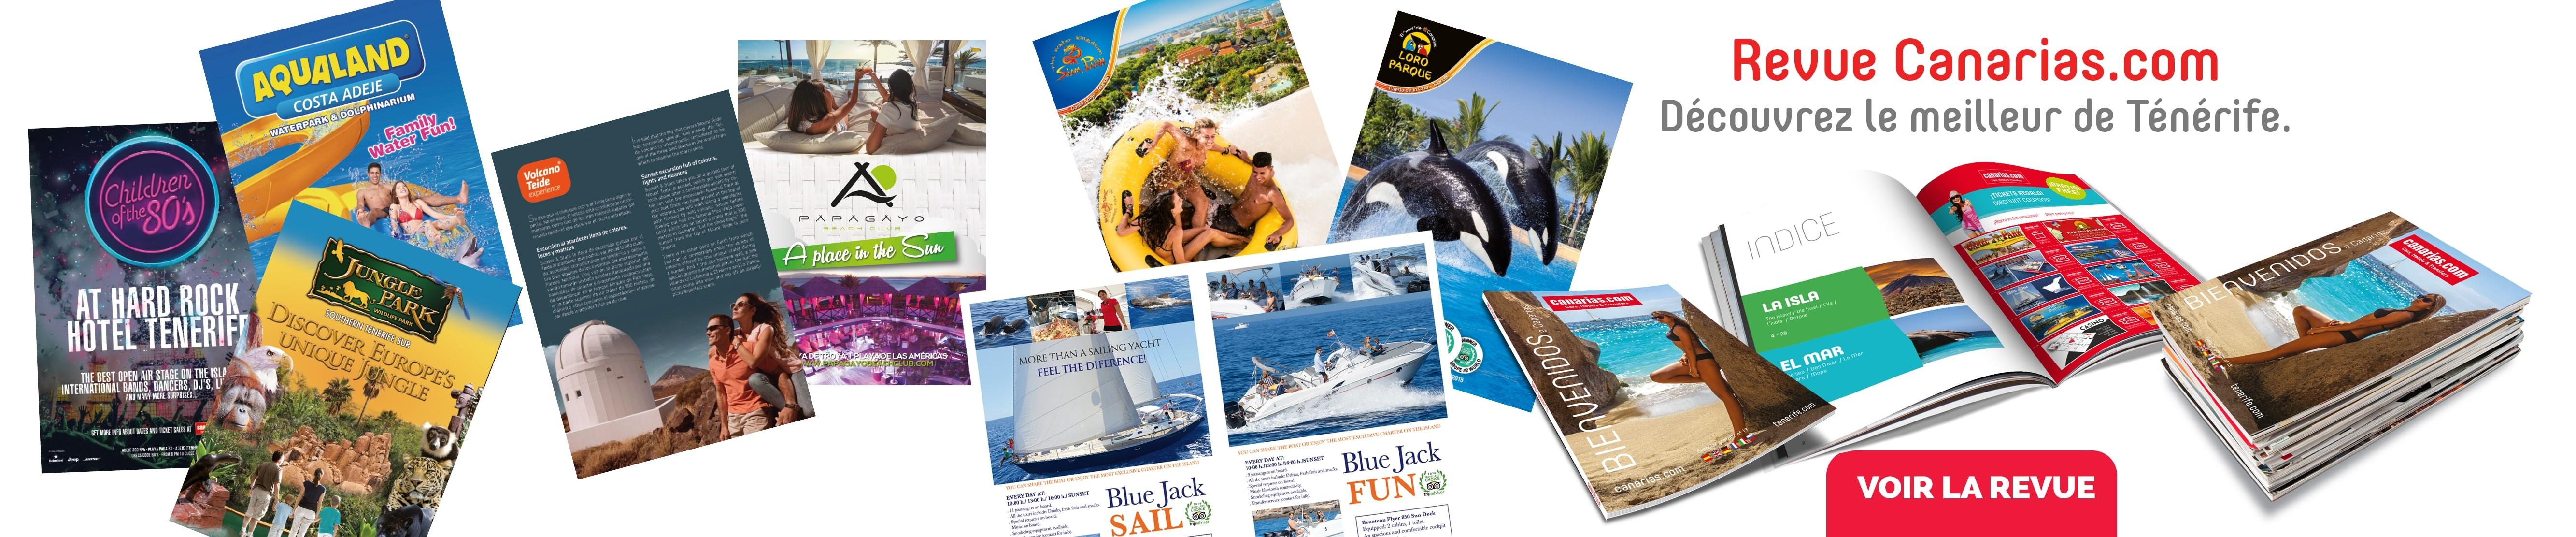 Revue Canarias.com